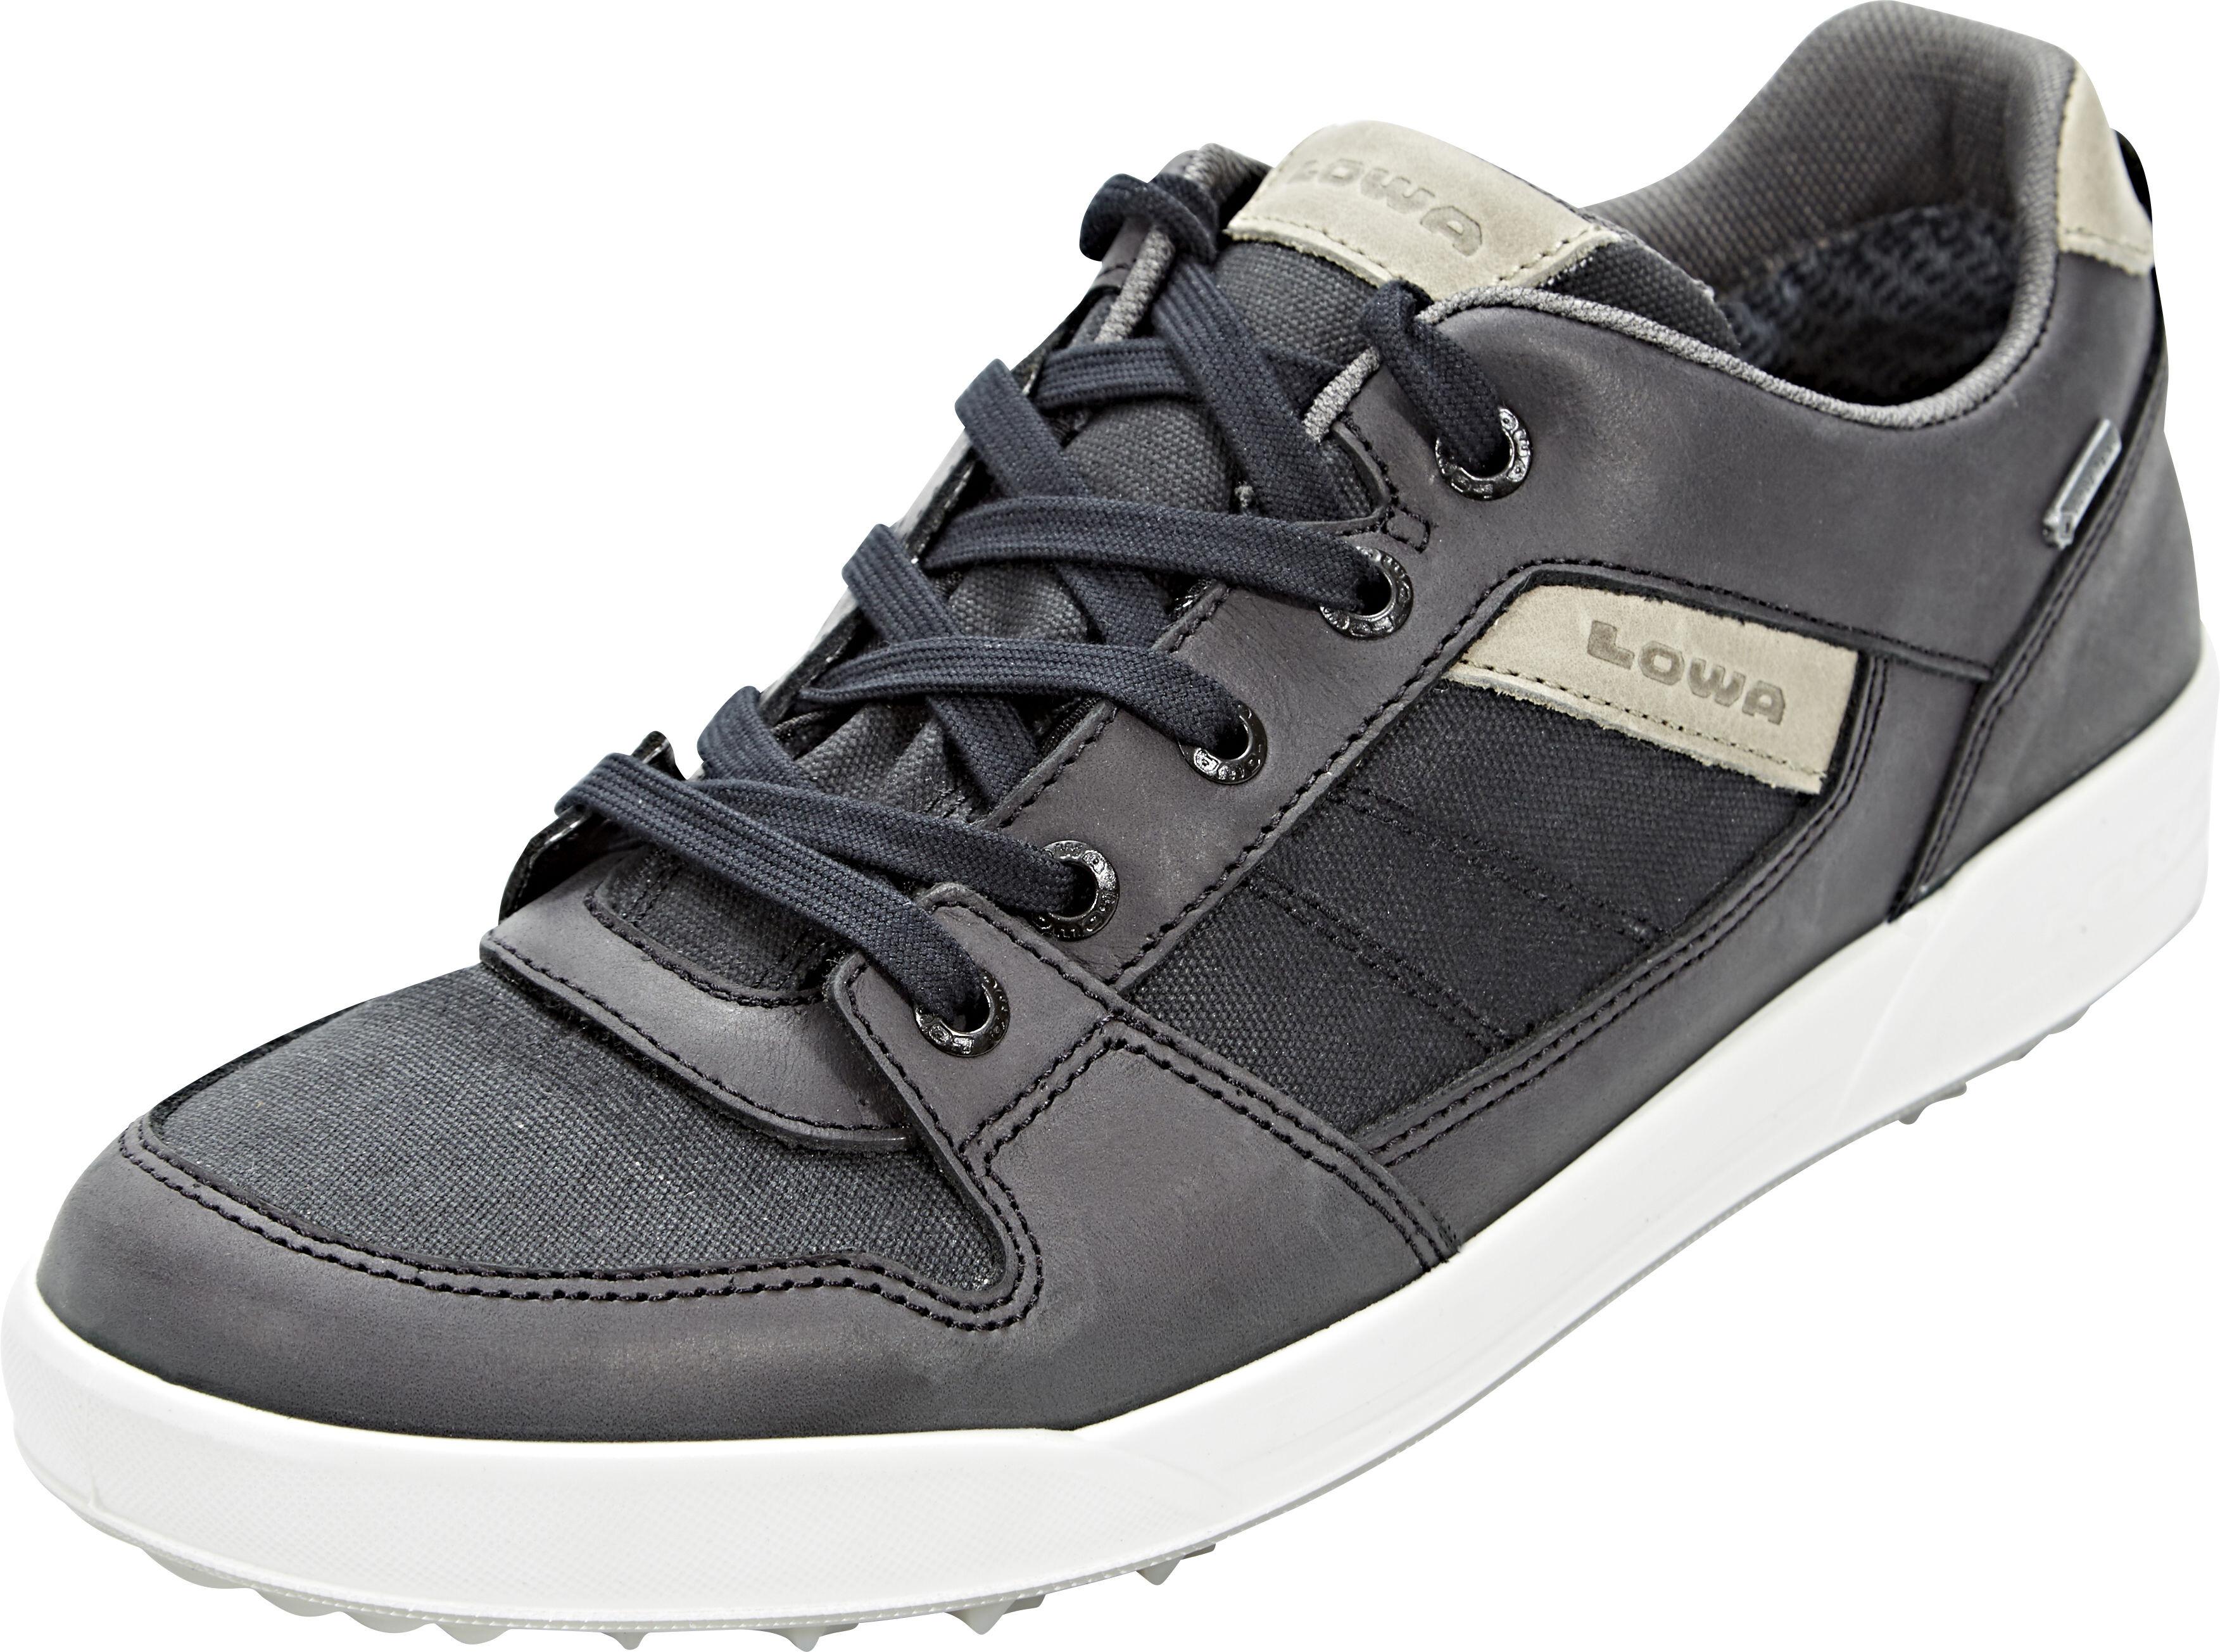 a6463615e4f6 Lowa Seattle GTX Shoes Men black